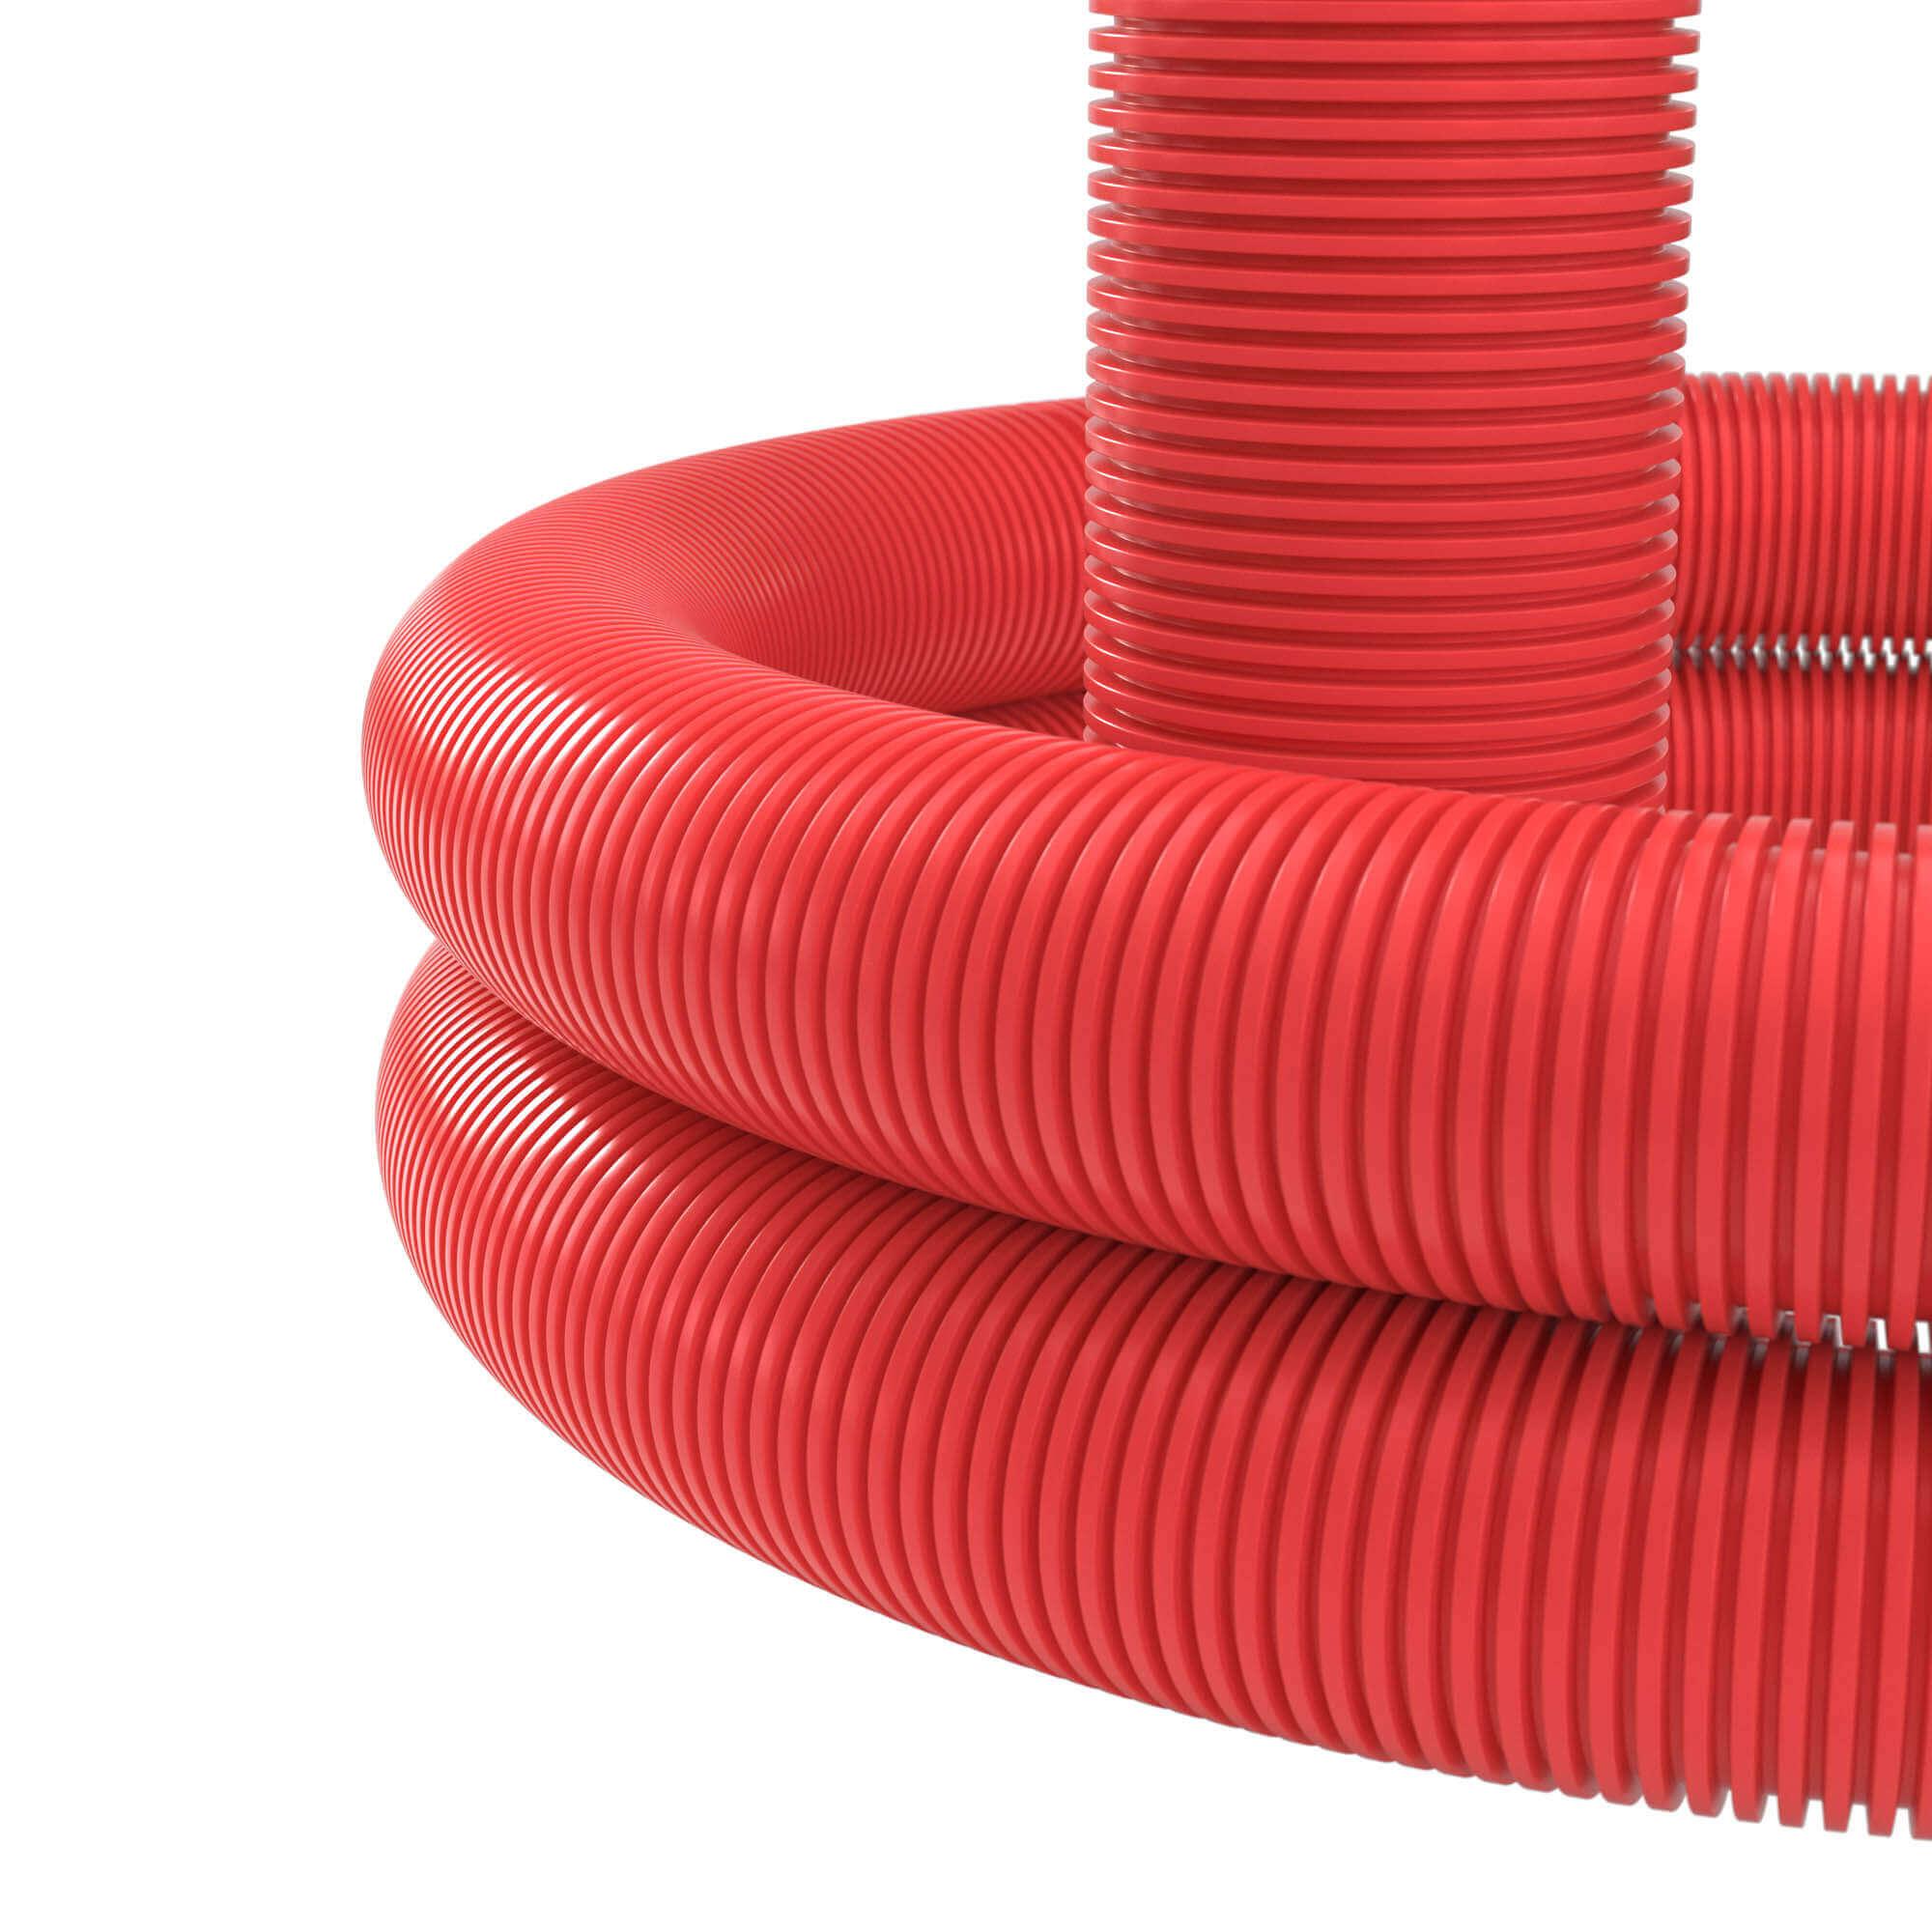 Двустенная труба ПНД гибкая для кабельной канализации d 140мм без протяжки SN6 450Н красный